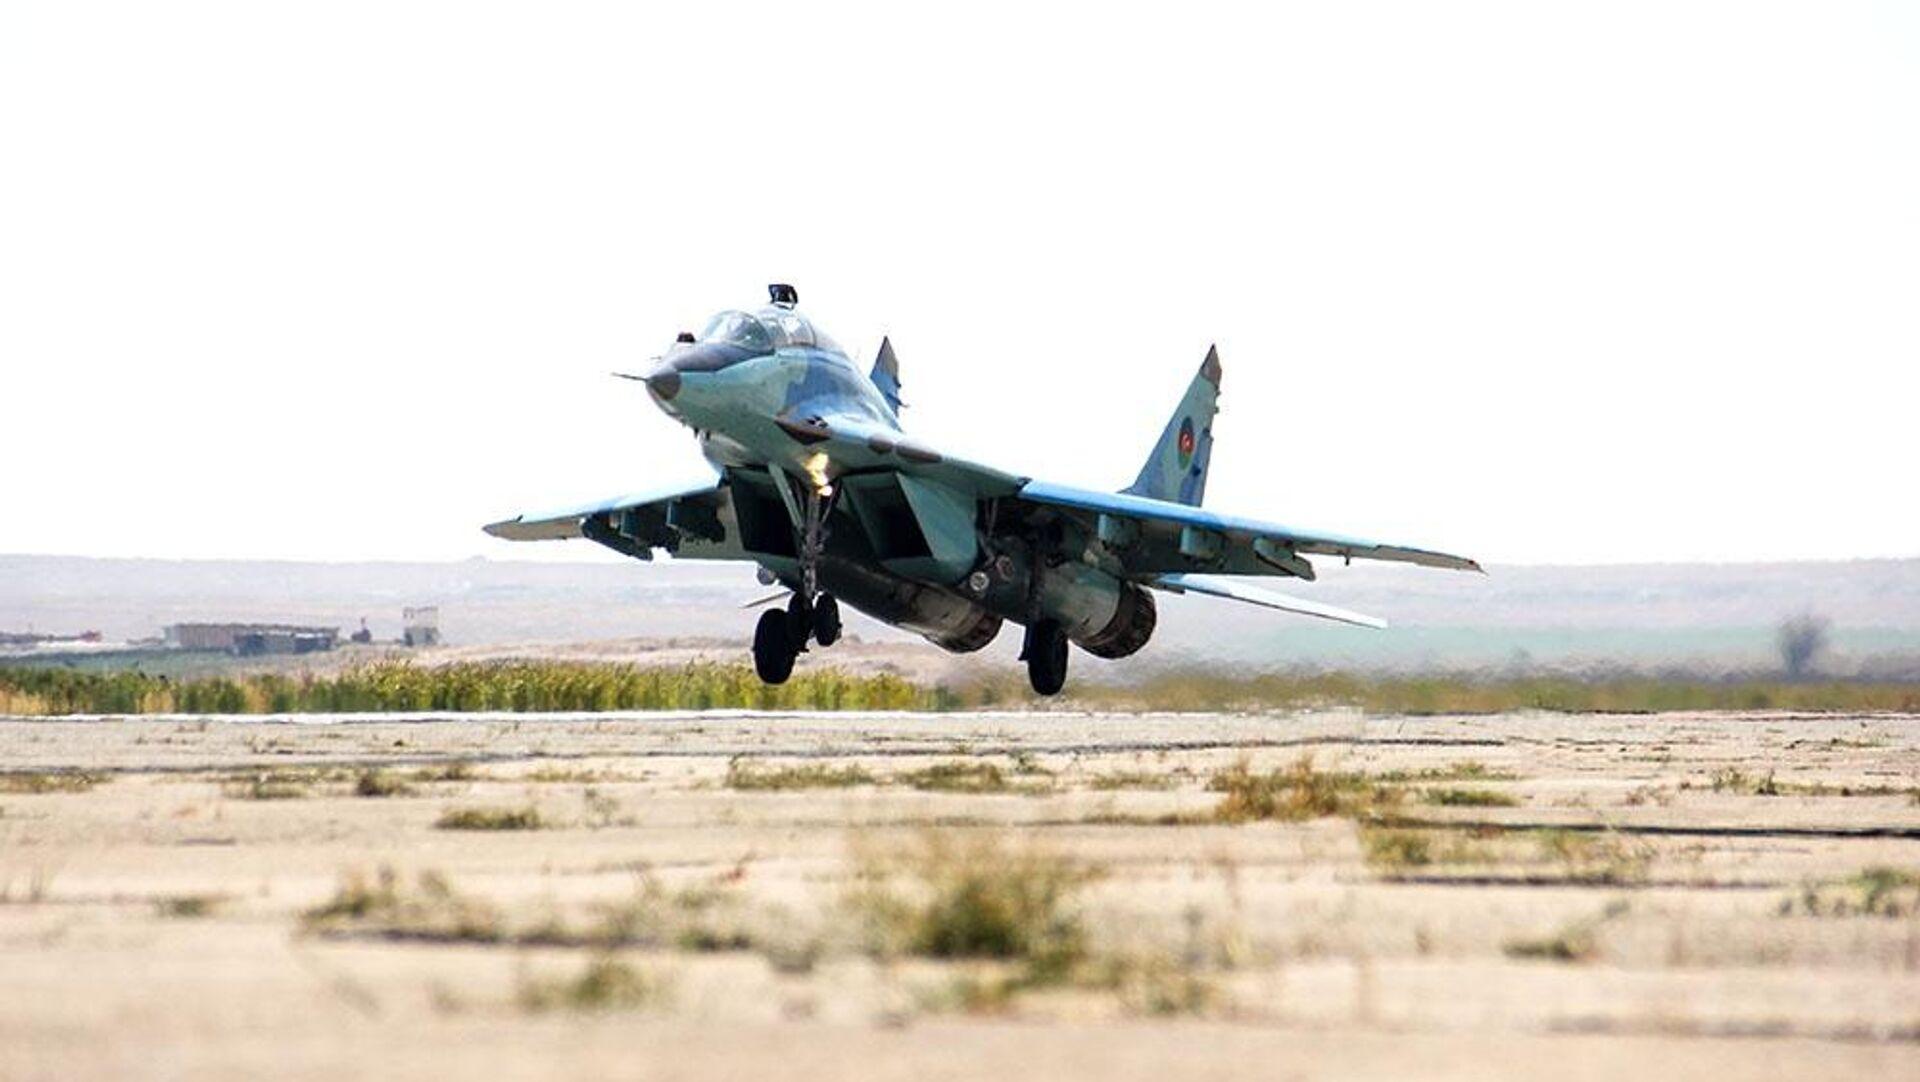 Истребитель МиГ-29 ВВС Азербайджана - РИА Новости, 1920, 03.10.2020